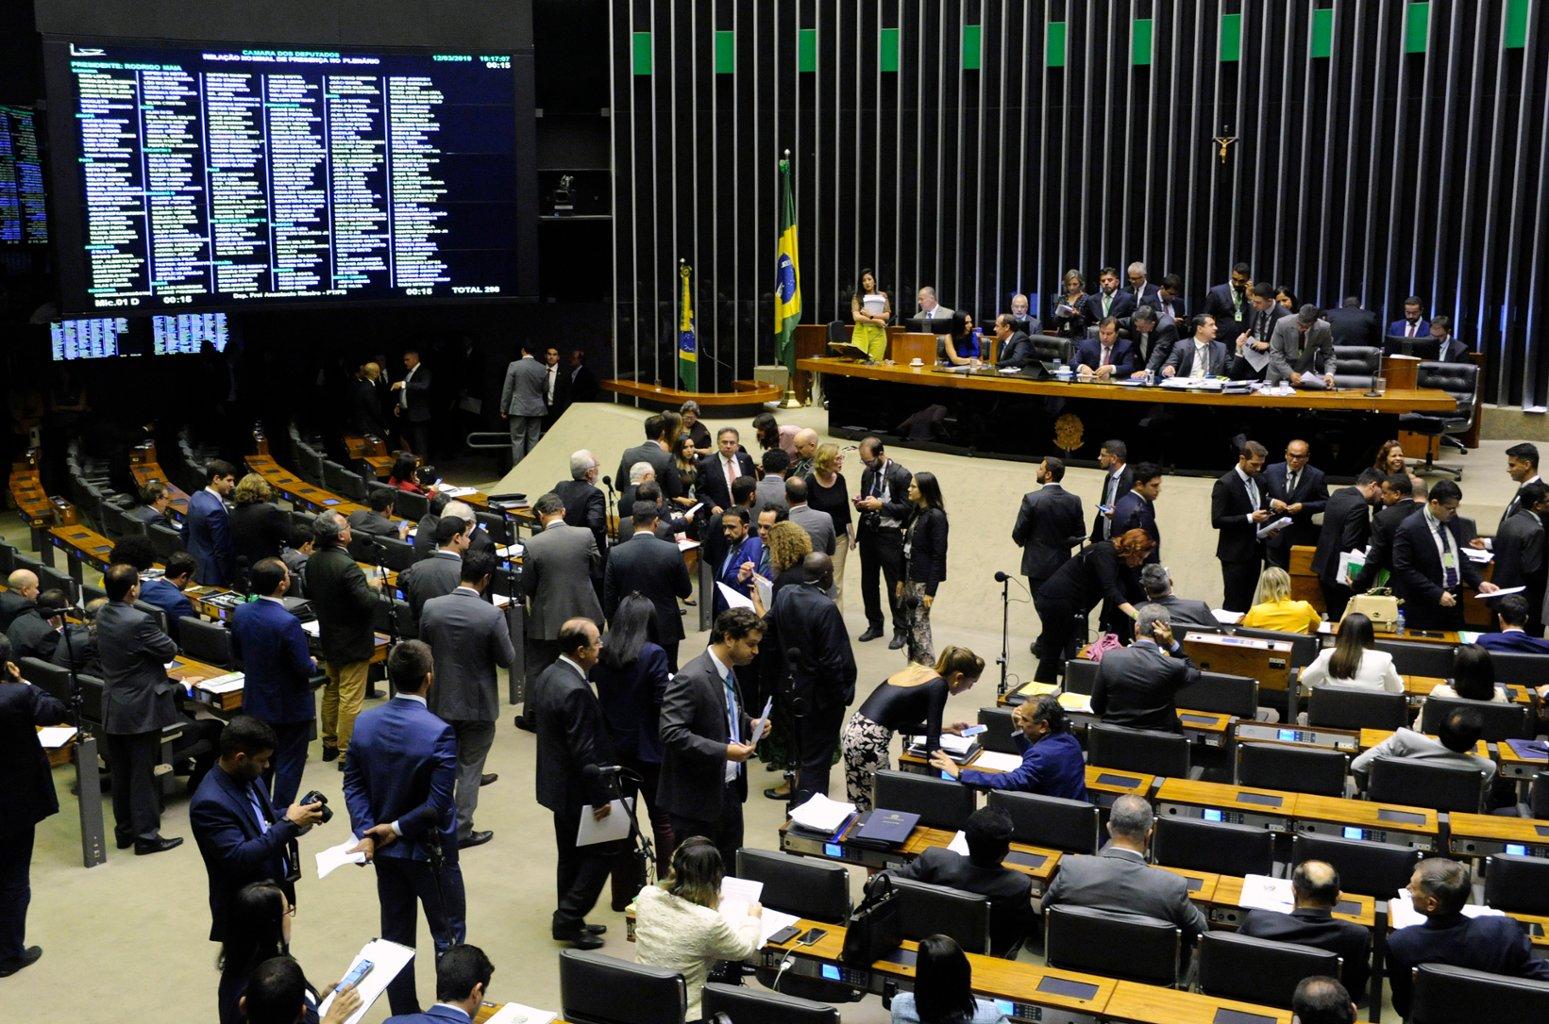 Pleito da gestão local, novas regras para licitações podem ser aprovadas no plenário da Câmara